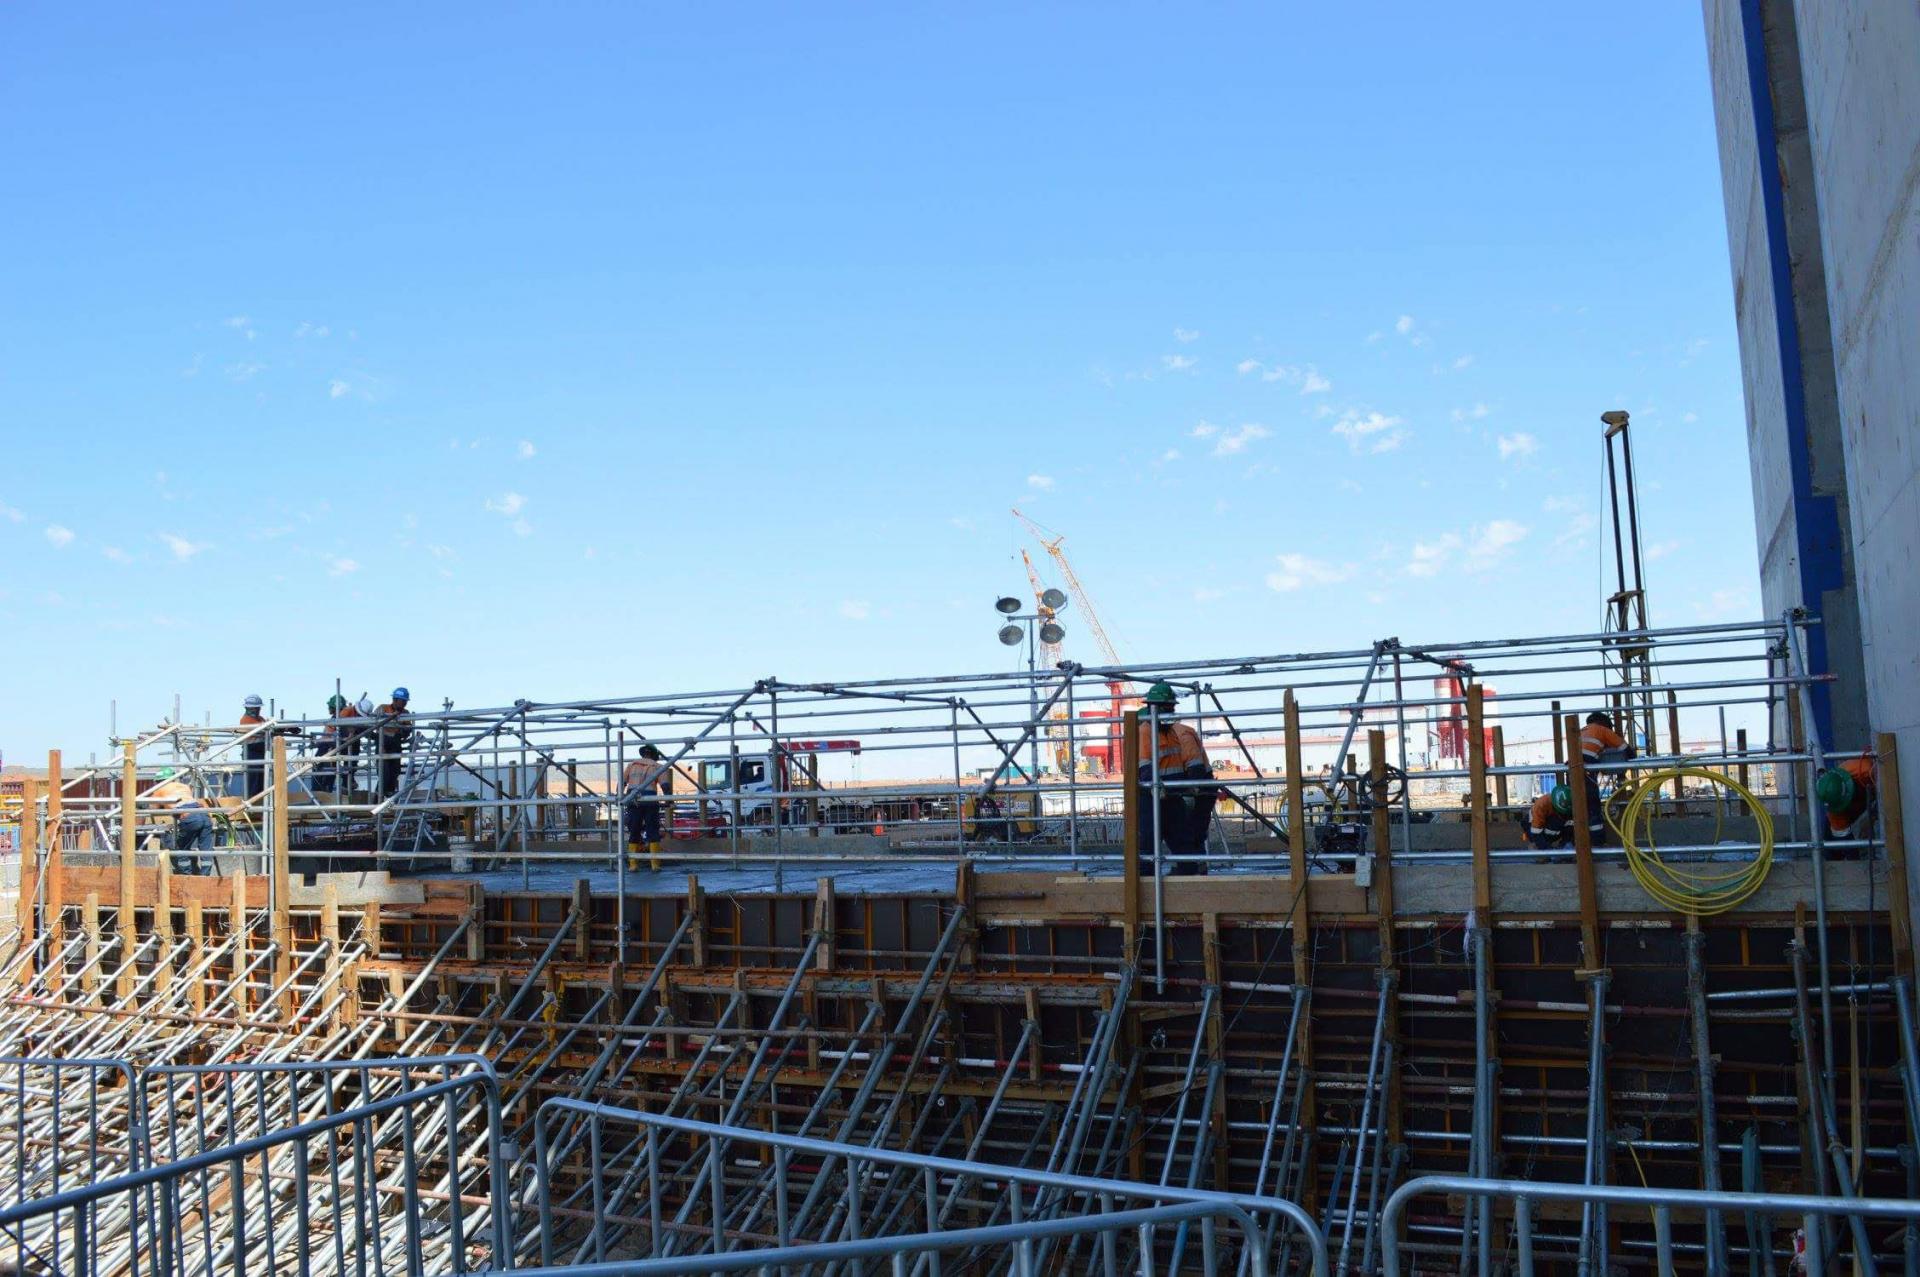 Босоо ам #2-ын хөрсний ус зайлуулах байгууламжийн иж бүрэн барилга угсралтын ажил